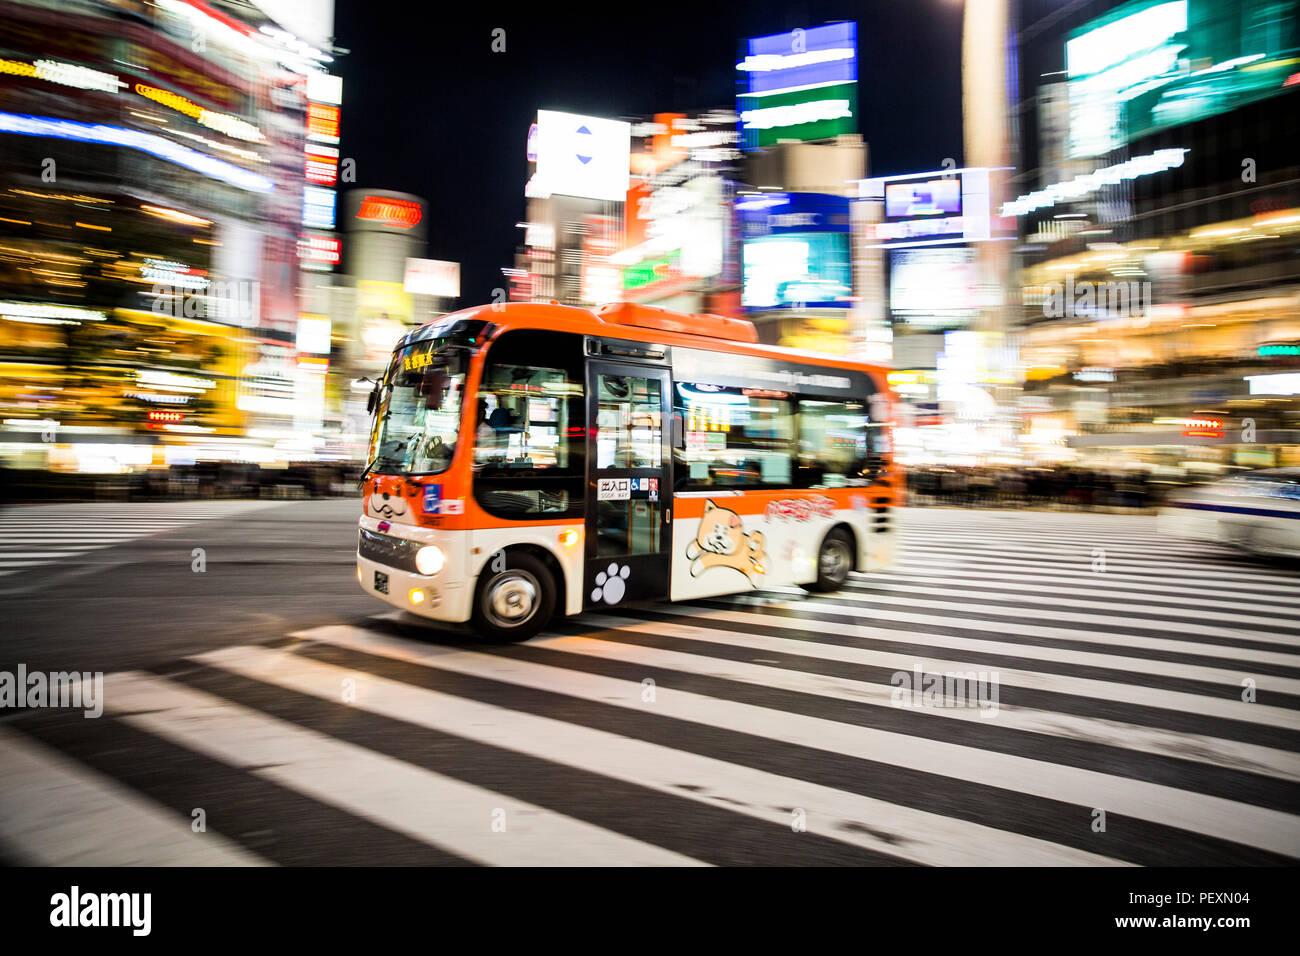 El cruce Shibuya de Tokio, Japón Imagen De Stock